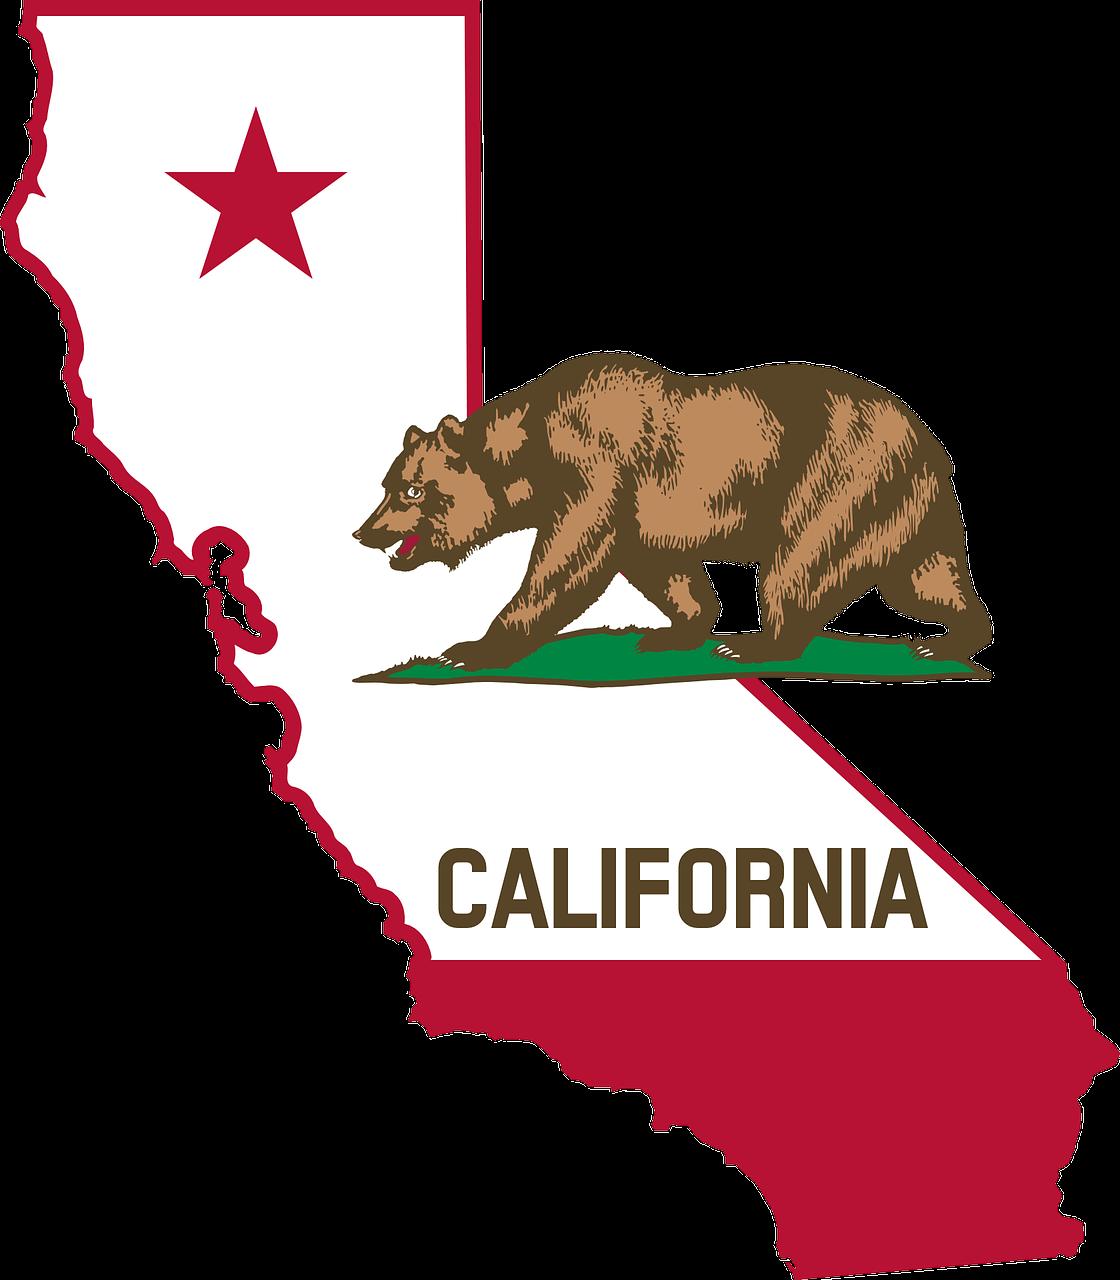 California state symbols pictures